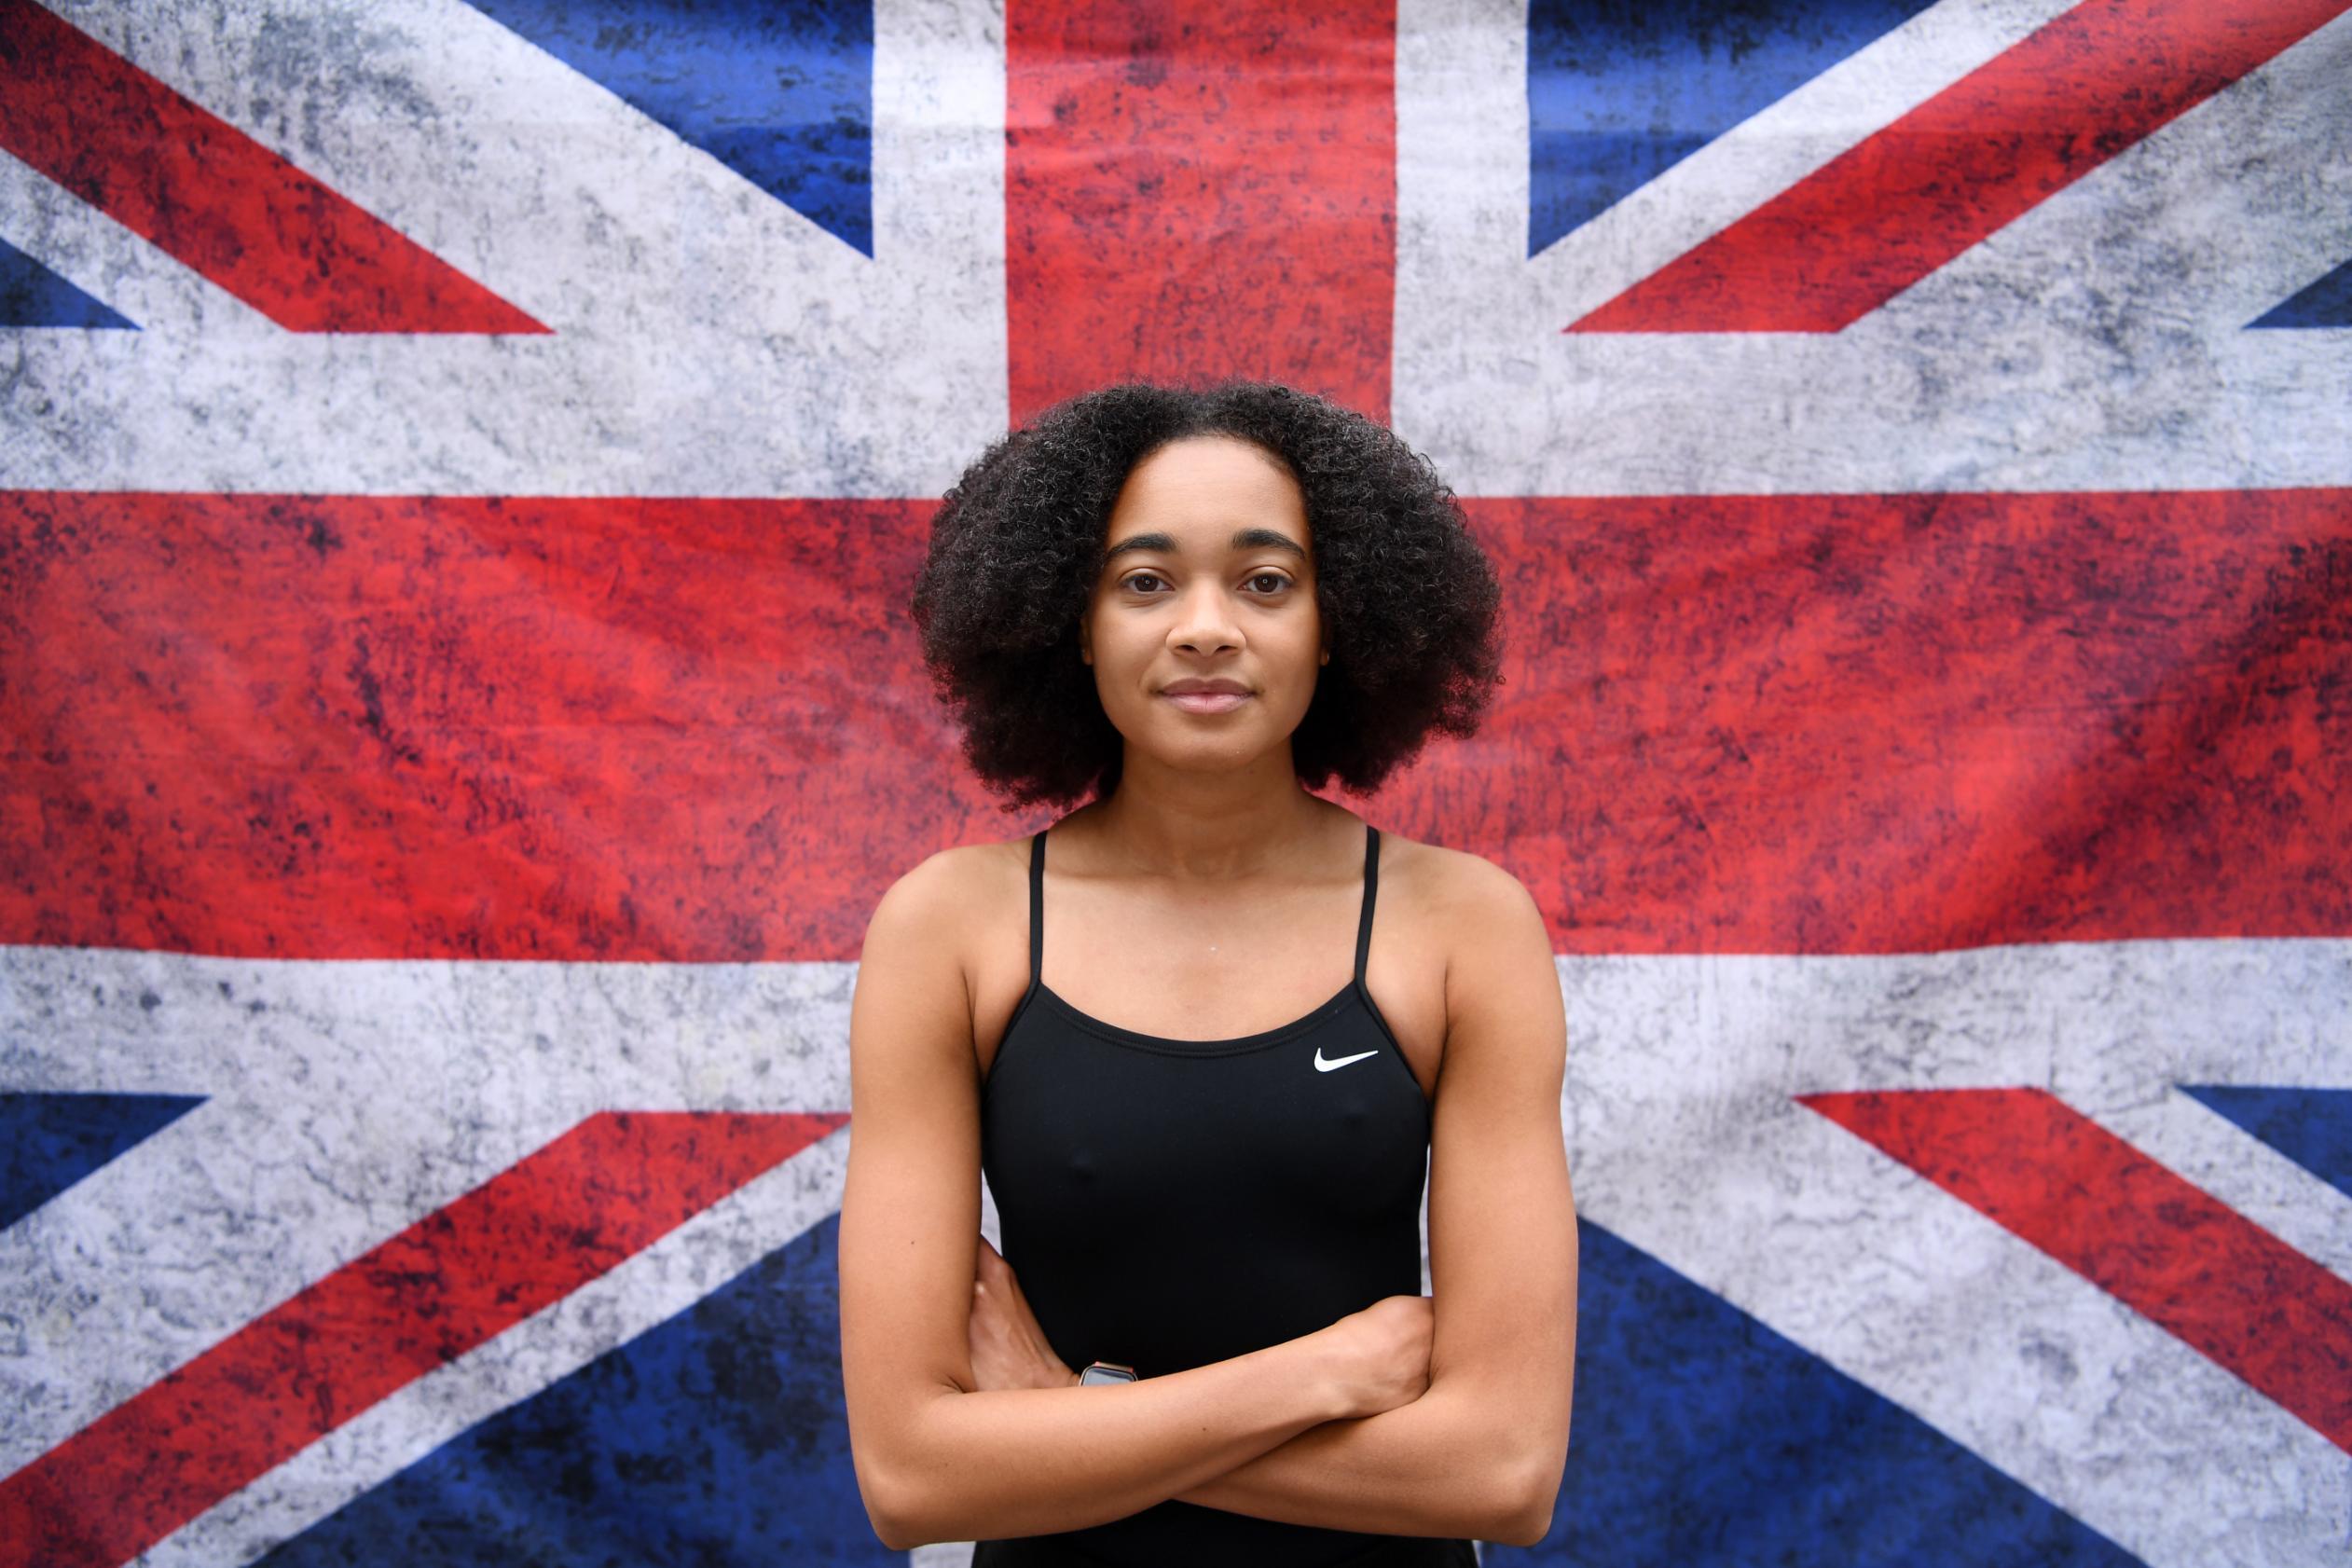 Ana Marcela Cunha won gold in the women's 10km marathon swimming